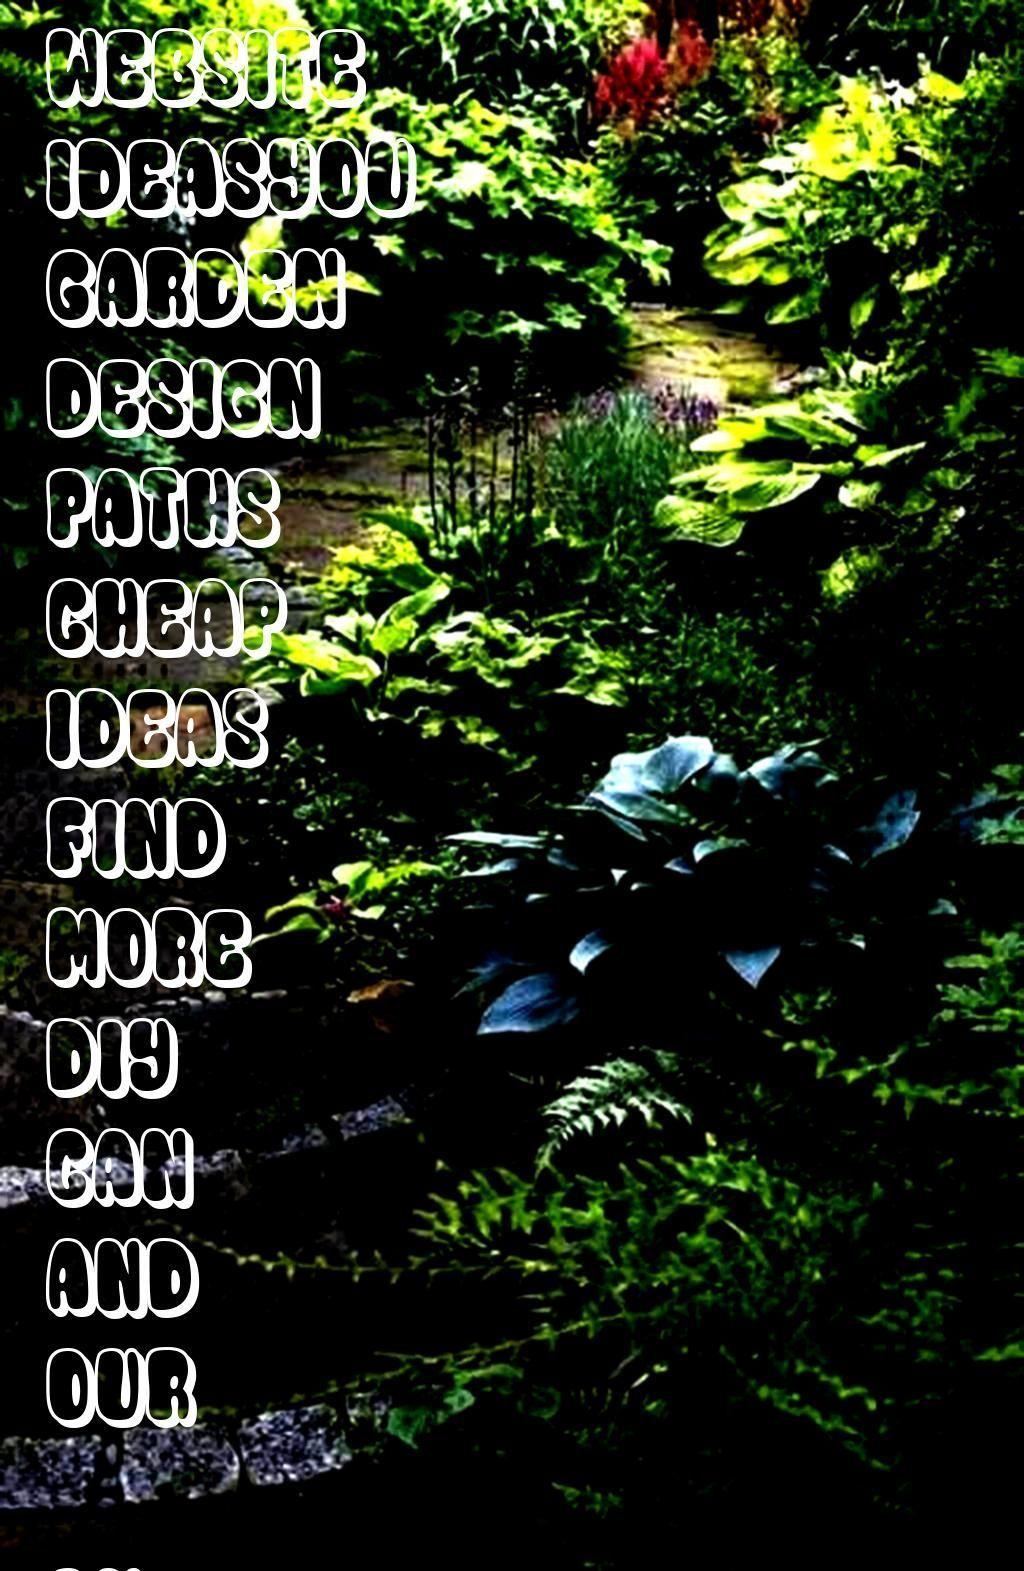 Photo of #website73 #ideasyou #garden #design #paths #cheap – –